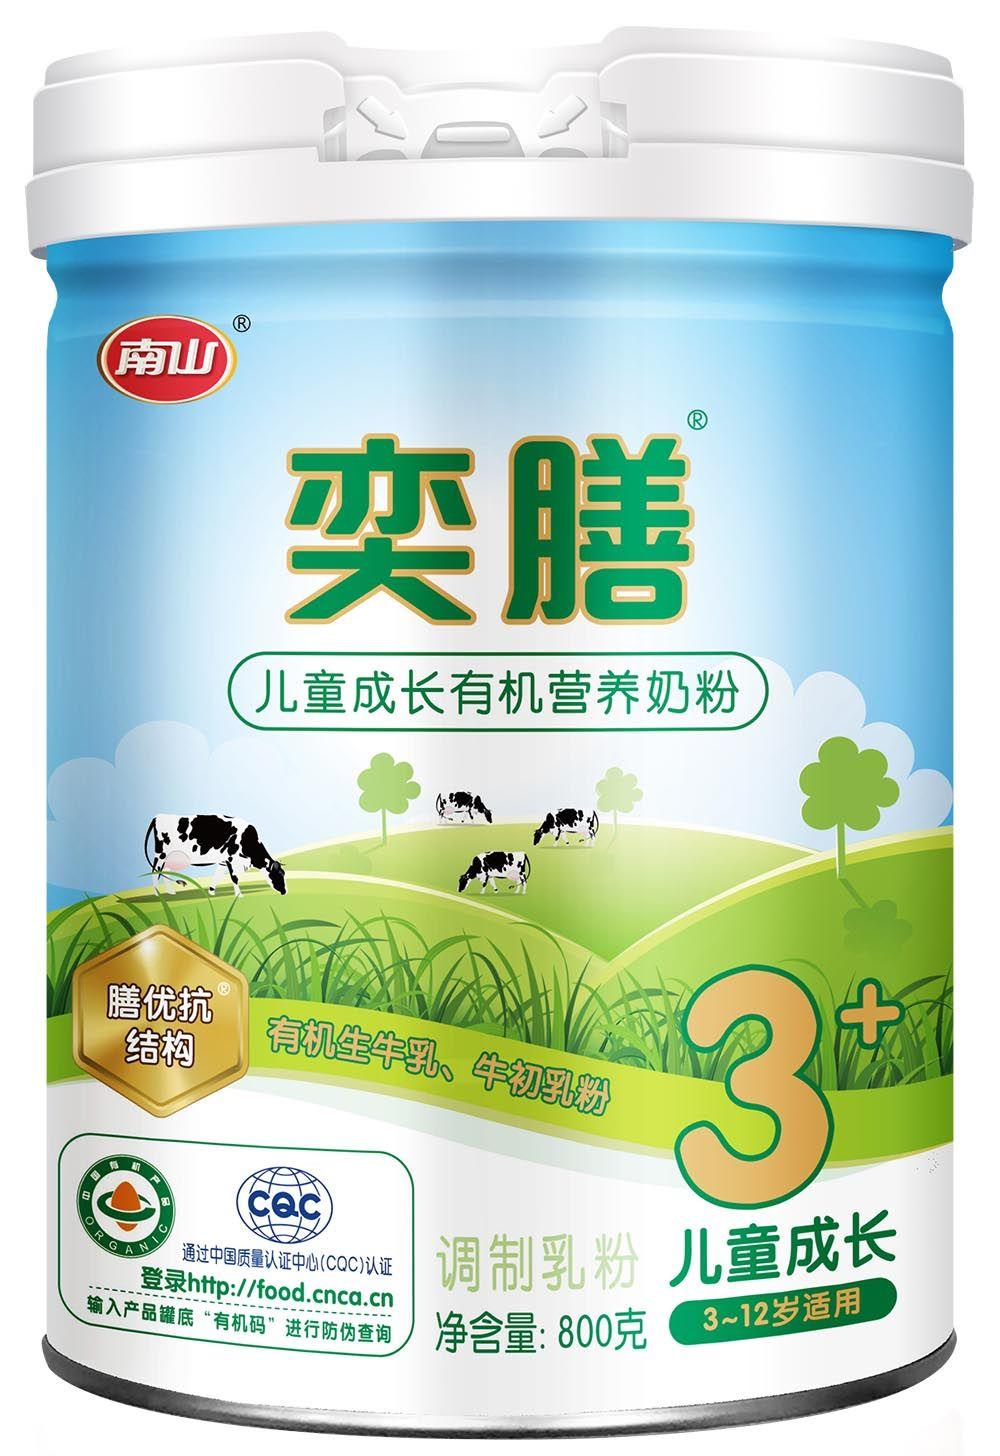 奕膳儿童成长有机营养奶粉产品口碑